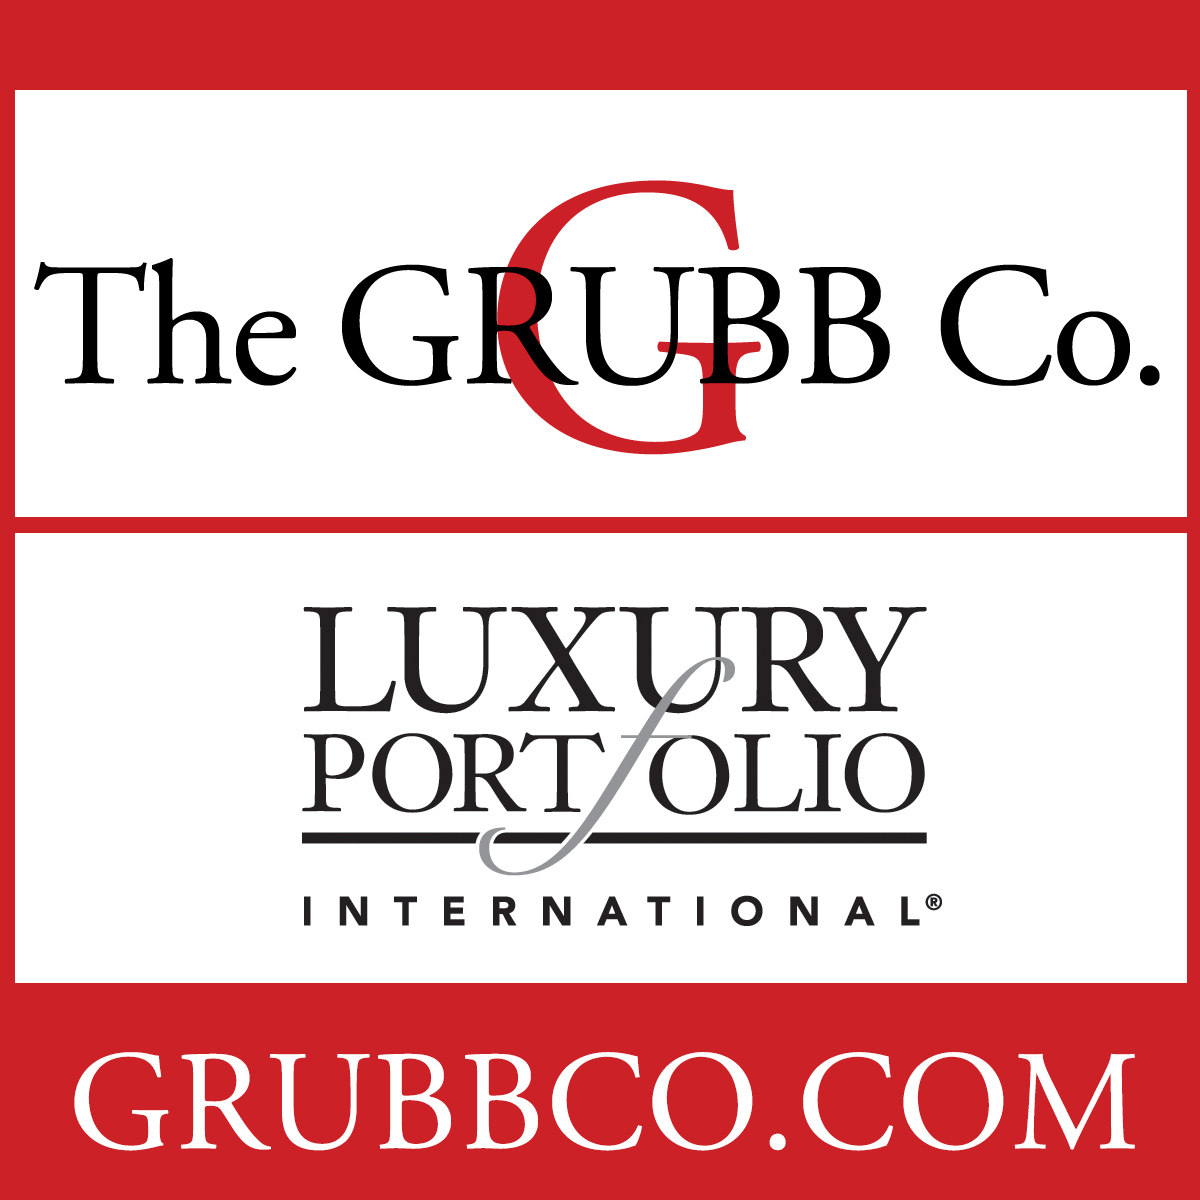 Grubb Co